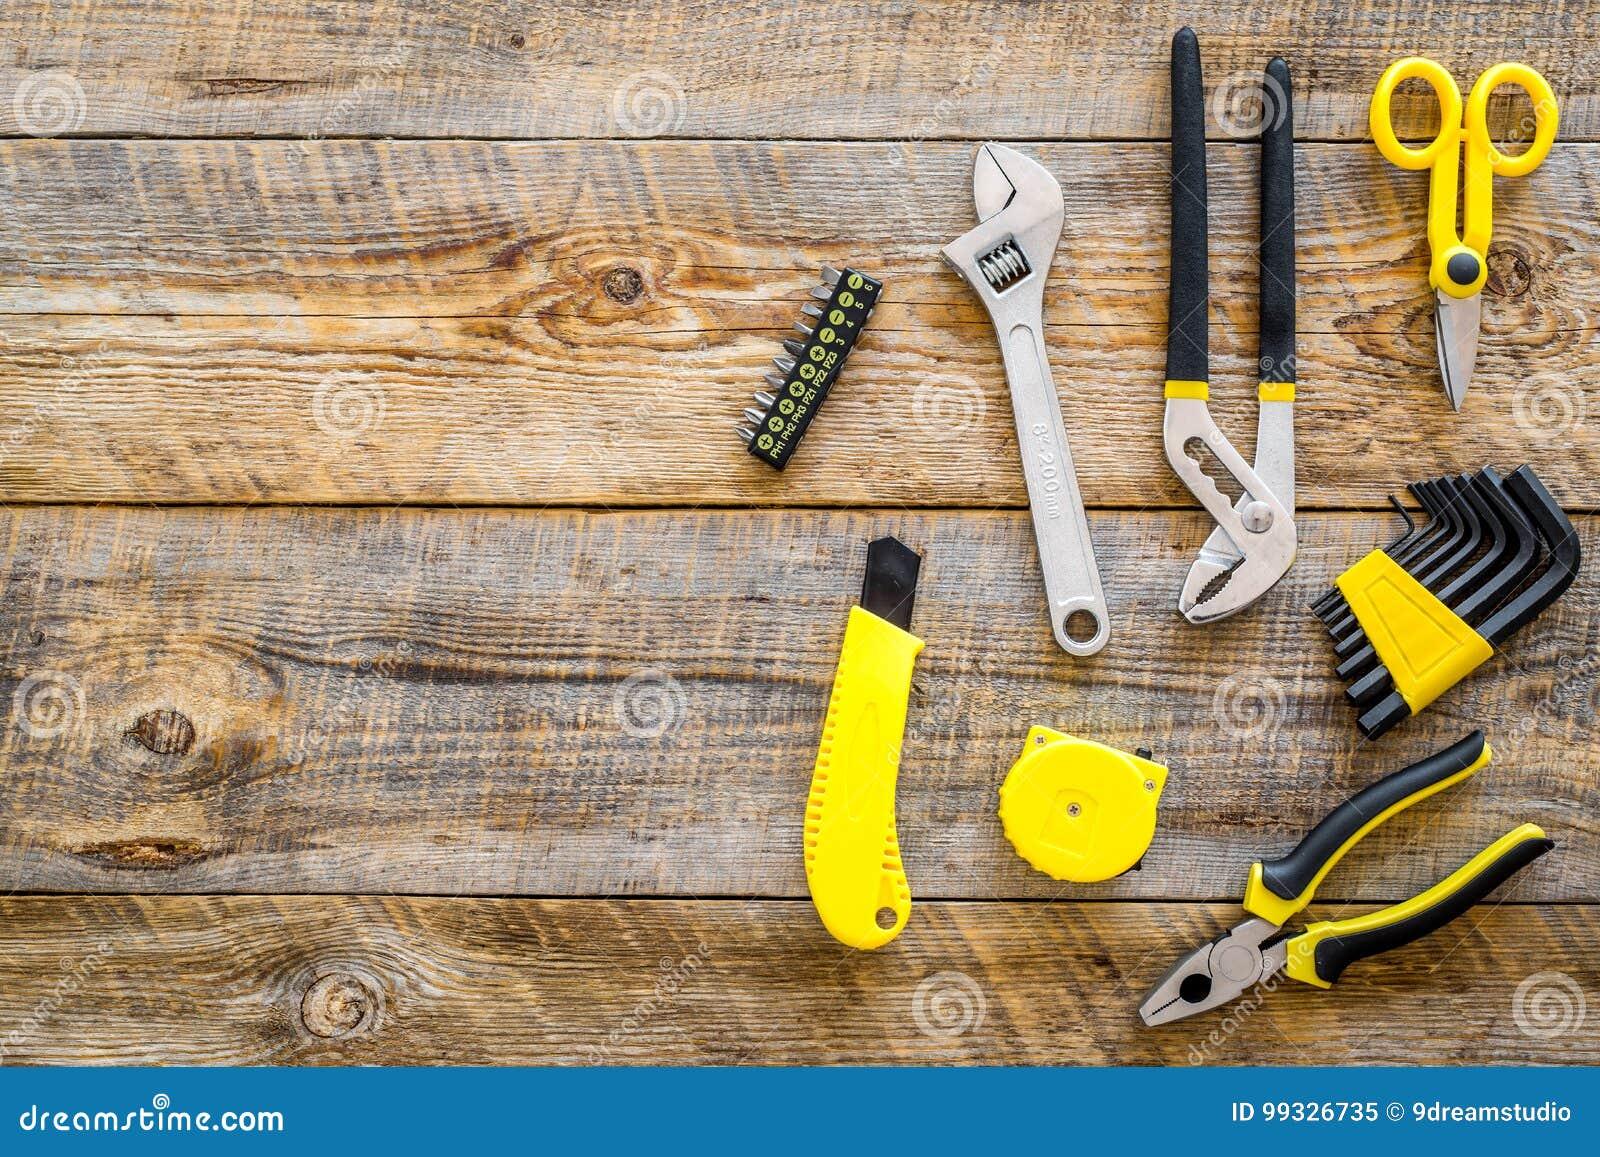 La Renovacion De La Casa Con Los Instrumentos Fijo Para Construir